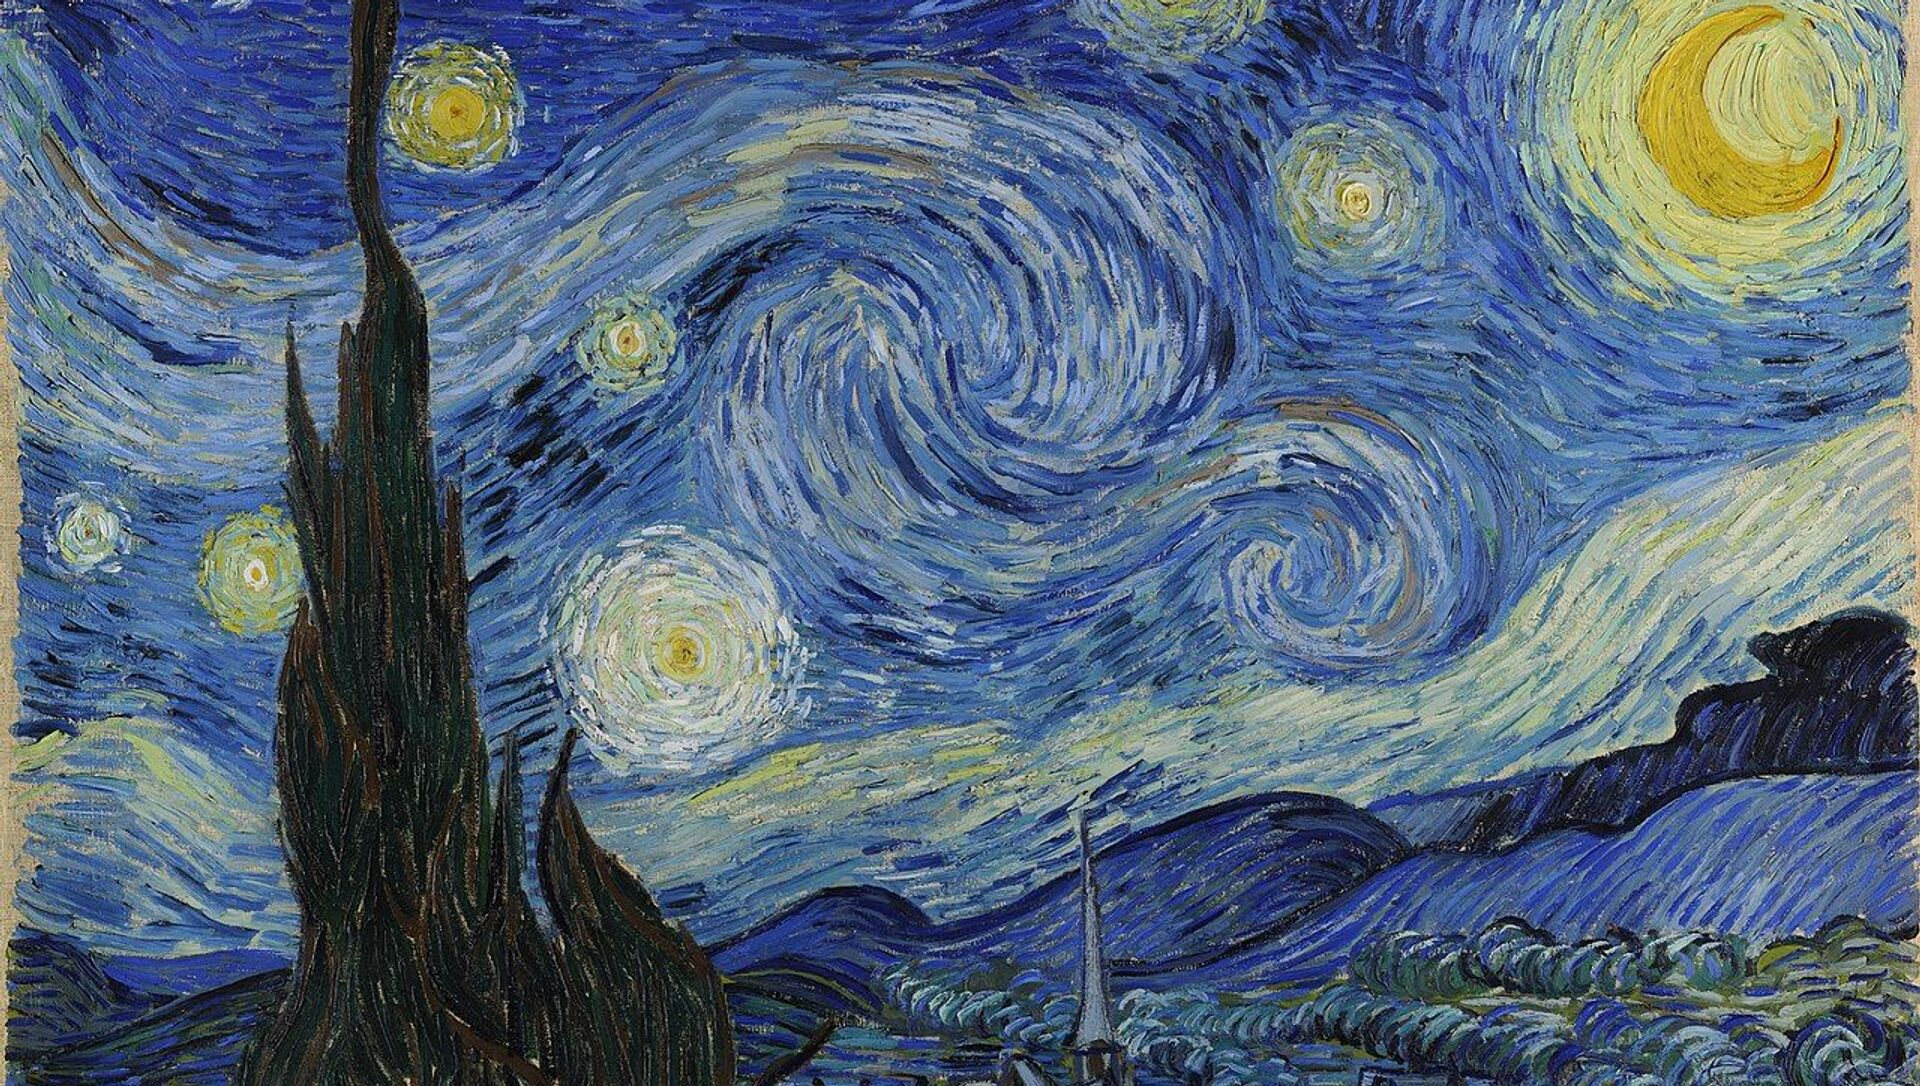 Картина Звездная ночь нидерландского художника-постимпрессиониста Винсента Ван Гога  - Sputnik Беларусь, 1920, 30.03.2021